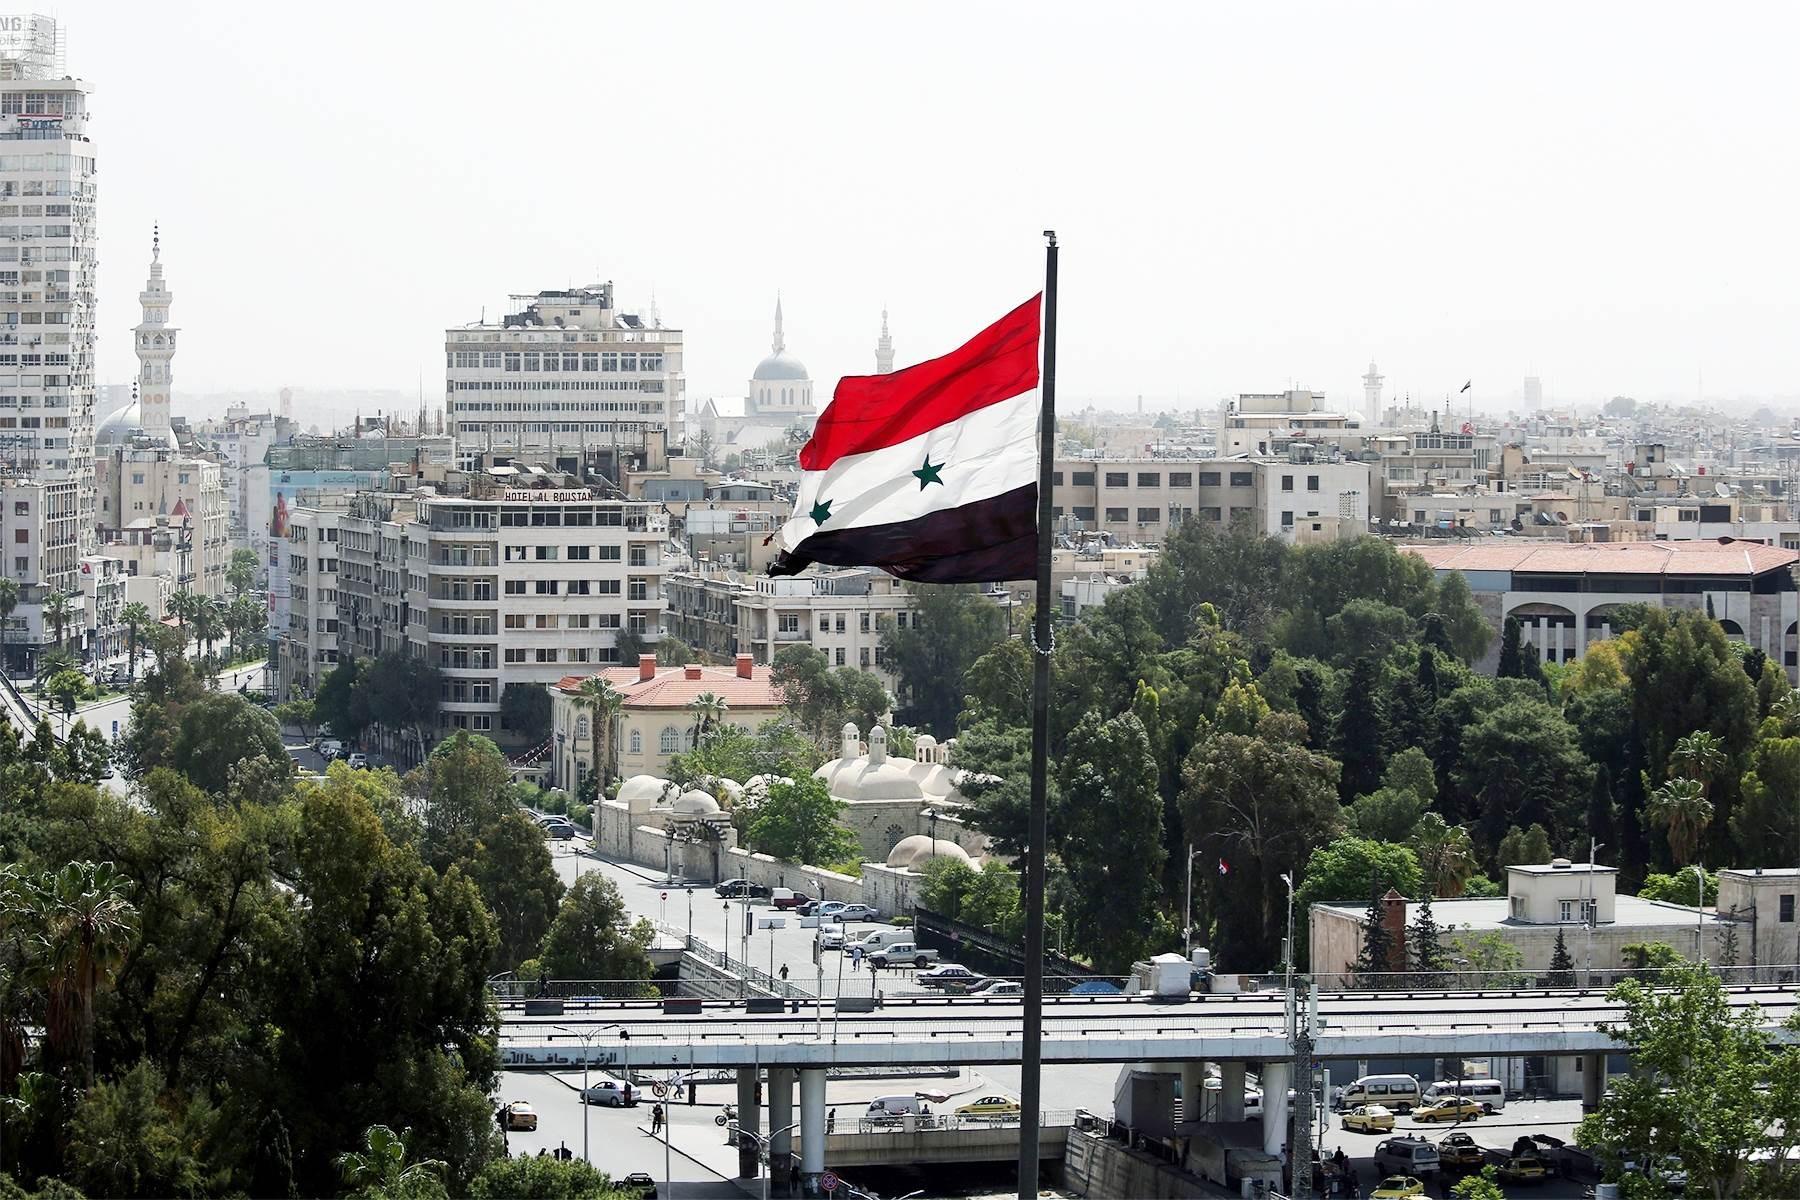 الخارجية السورية: الإدارة الأميركية آخر من يحق له الحديث عن حقوق الإنسان